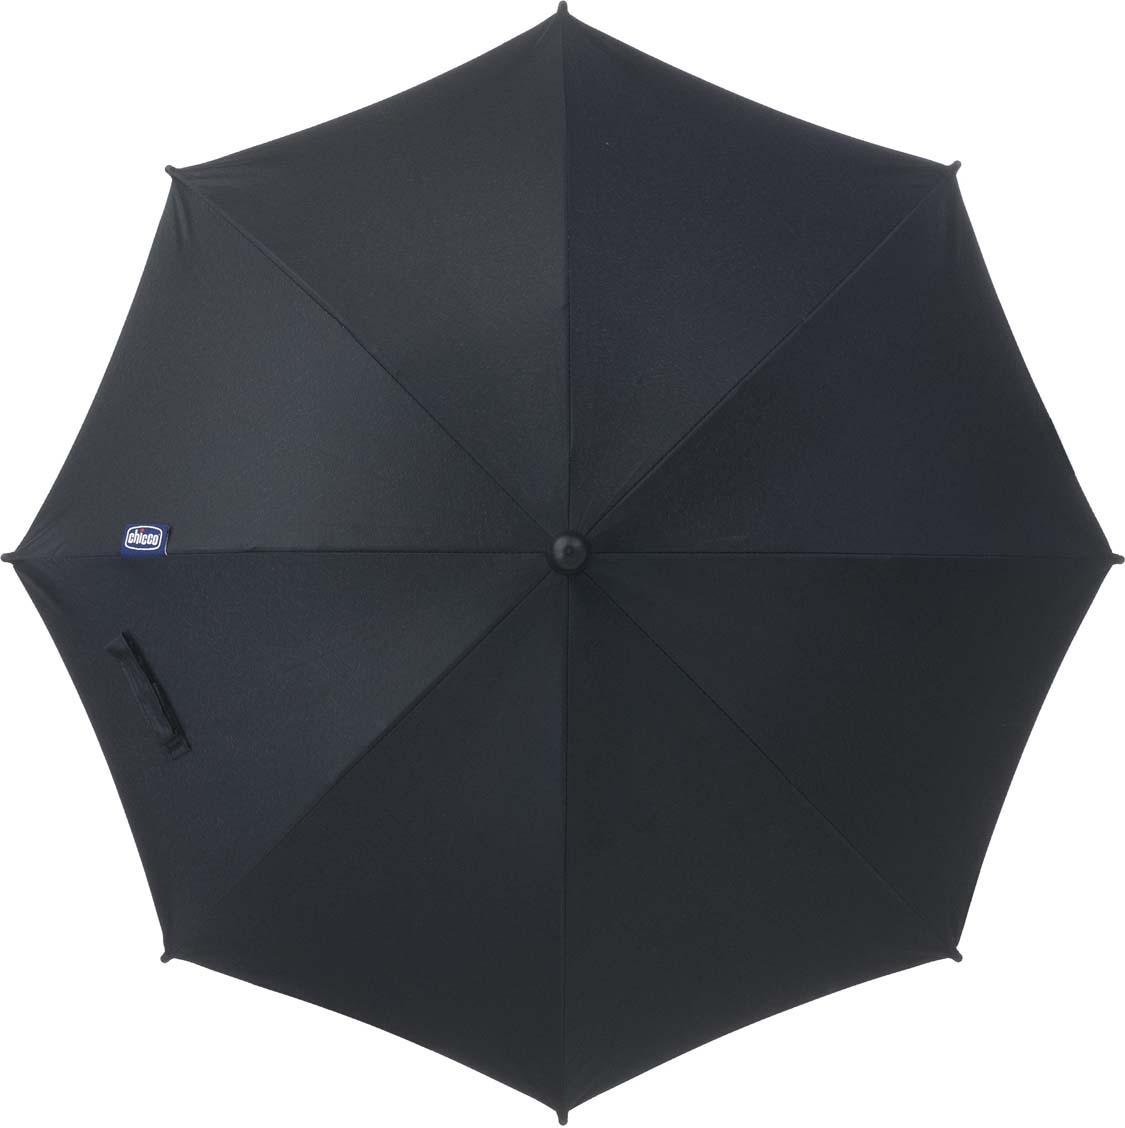 Chicco Зонтик от солнца универсальный для колясокцвет черный зонтик для колясок altabebe al7002 navy blue